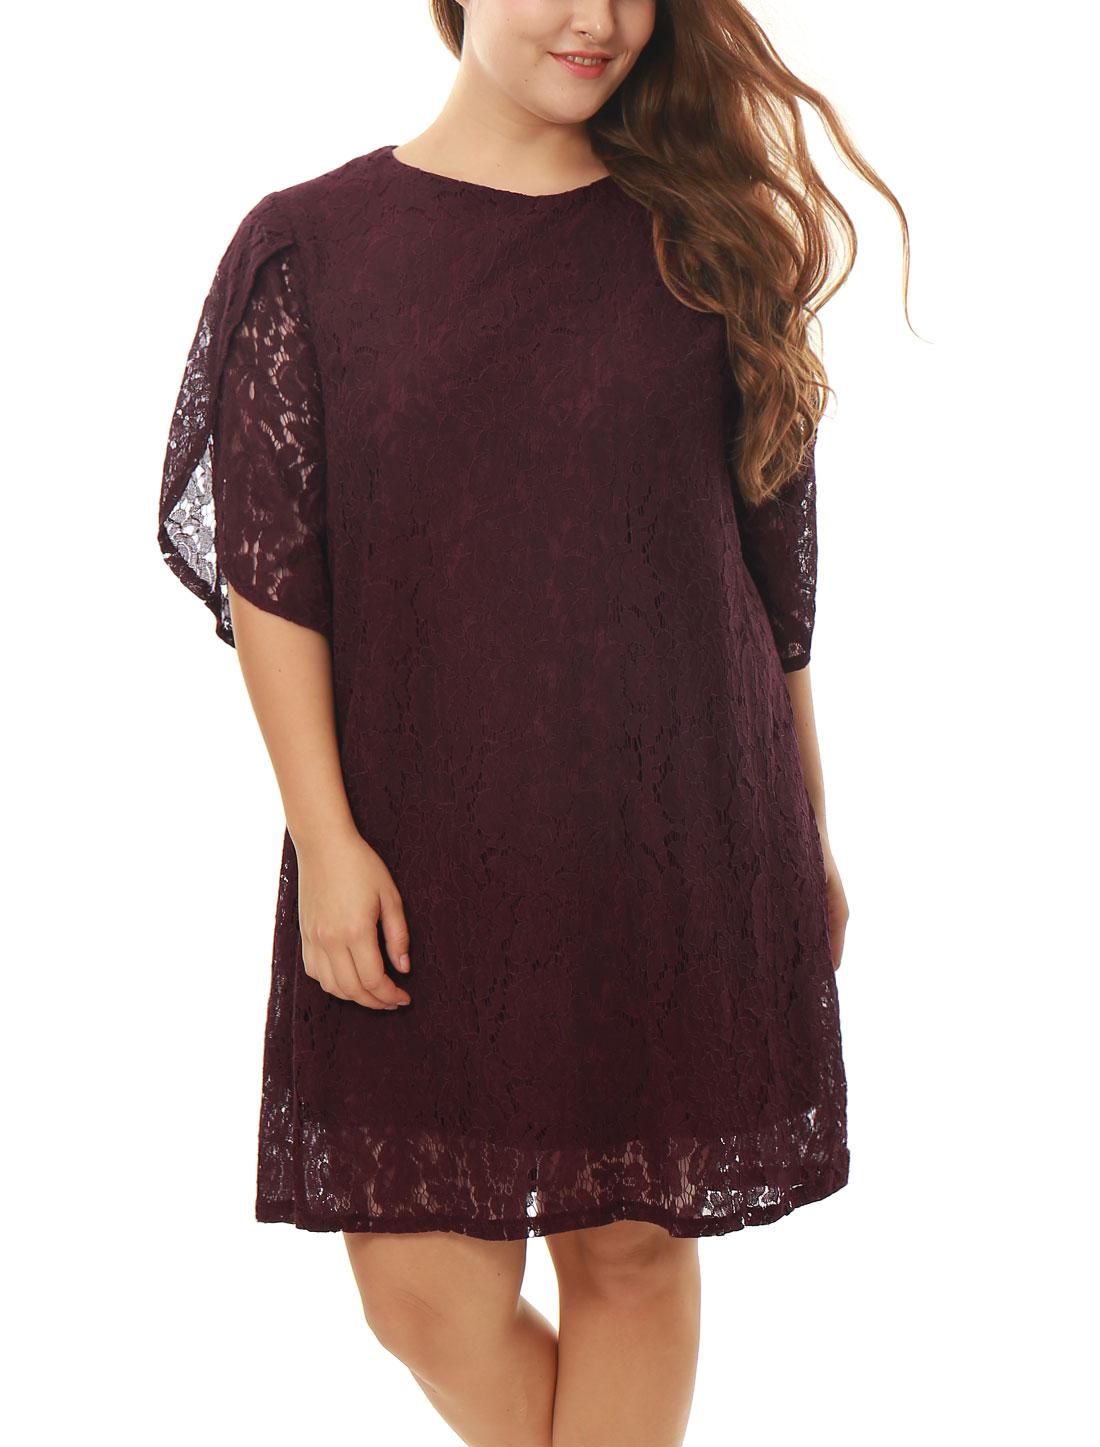 4b6d02c95 Unique Bargains Women's Plus Size Tulip Sleeves Floral Lace Shift Dress  Purple (Size 1X)